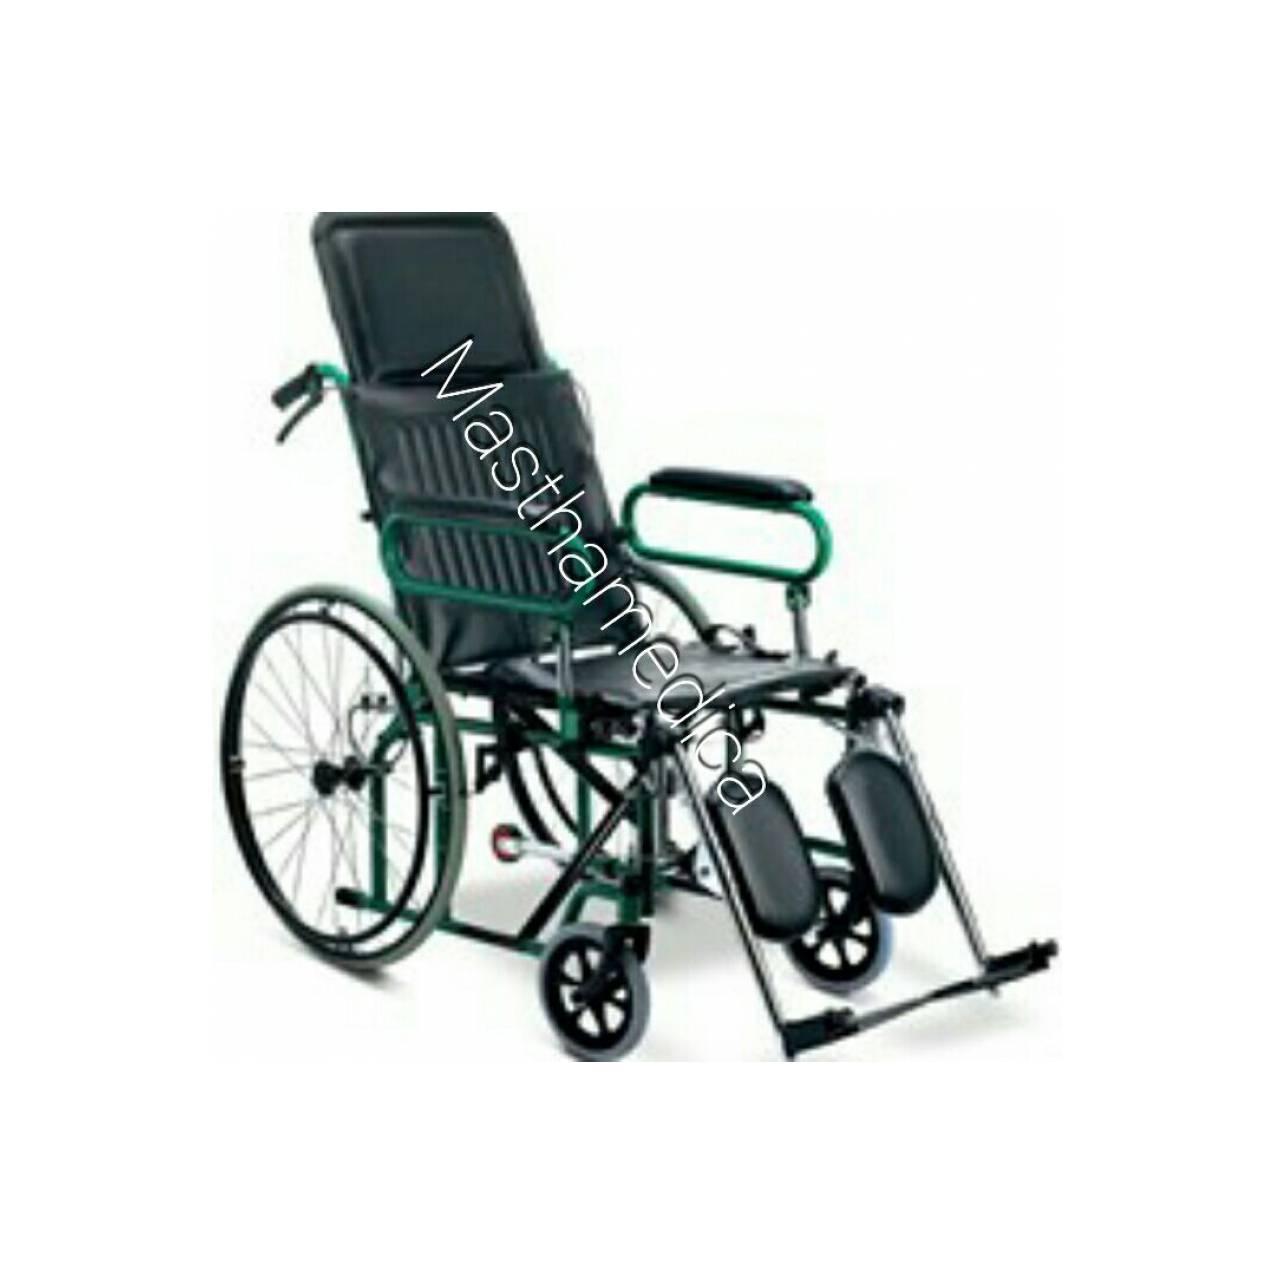 Kursi Roda Multi Fungsi 3 in 1 (Kursi roda + Tidur) FS 902 GC GEA